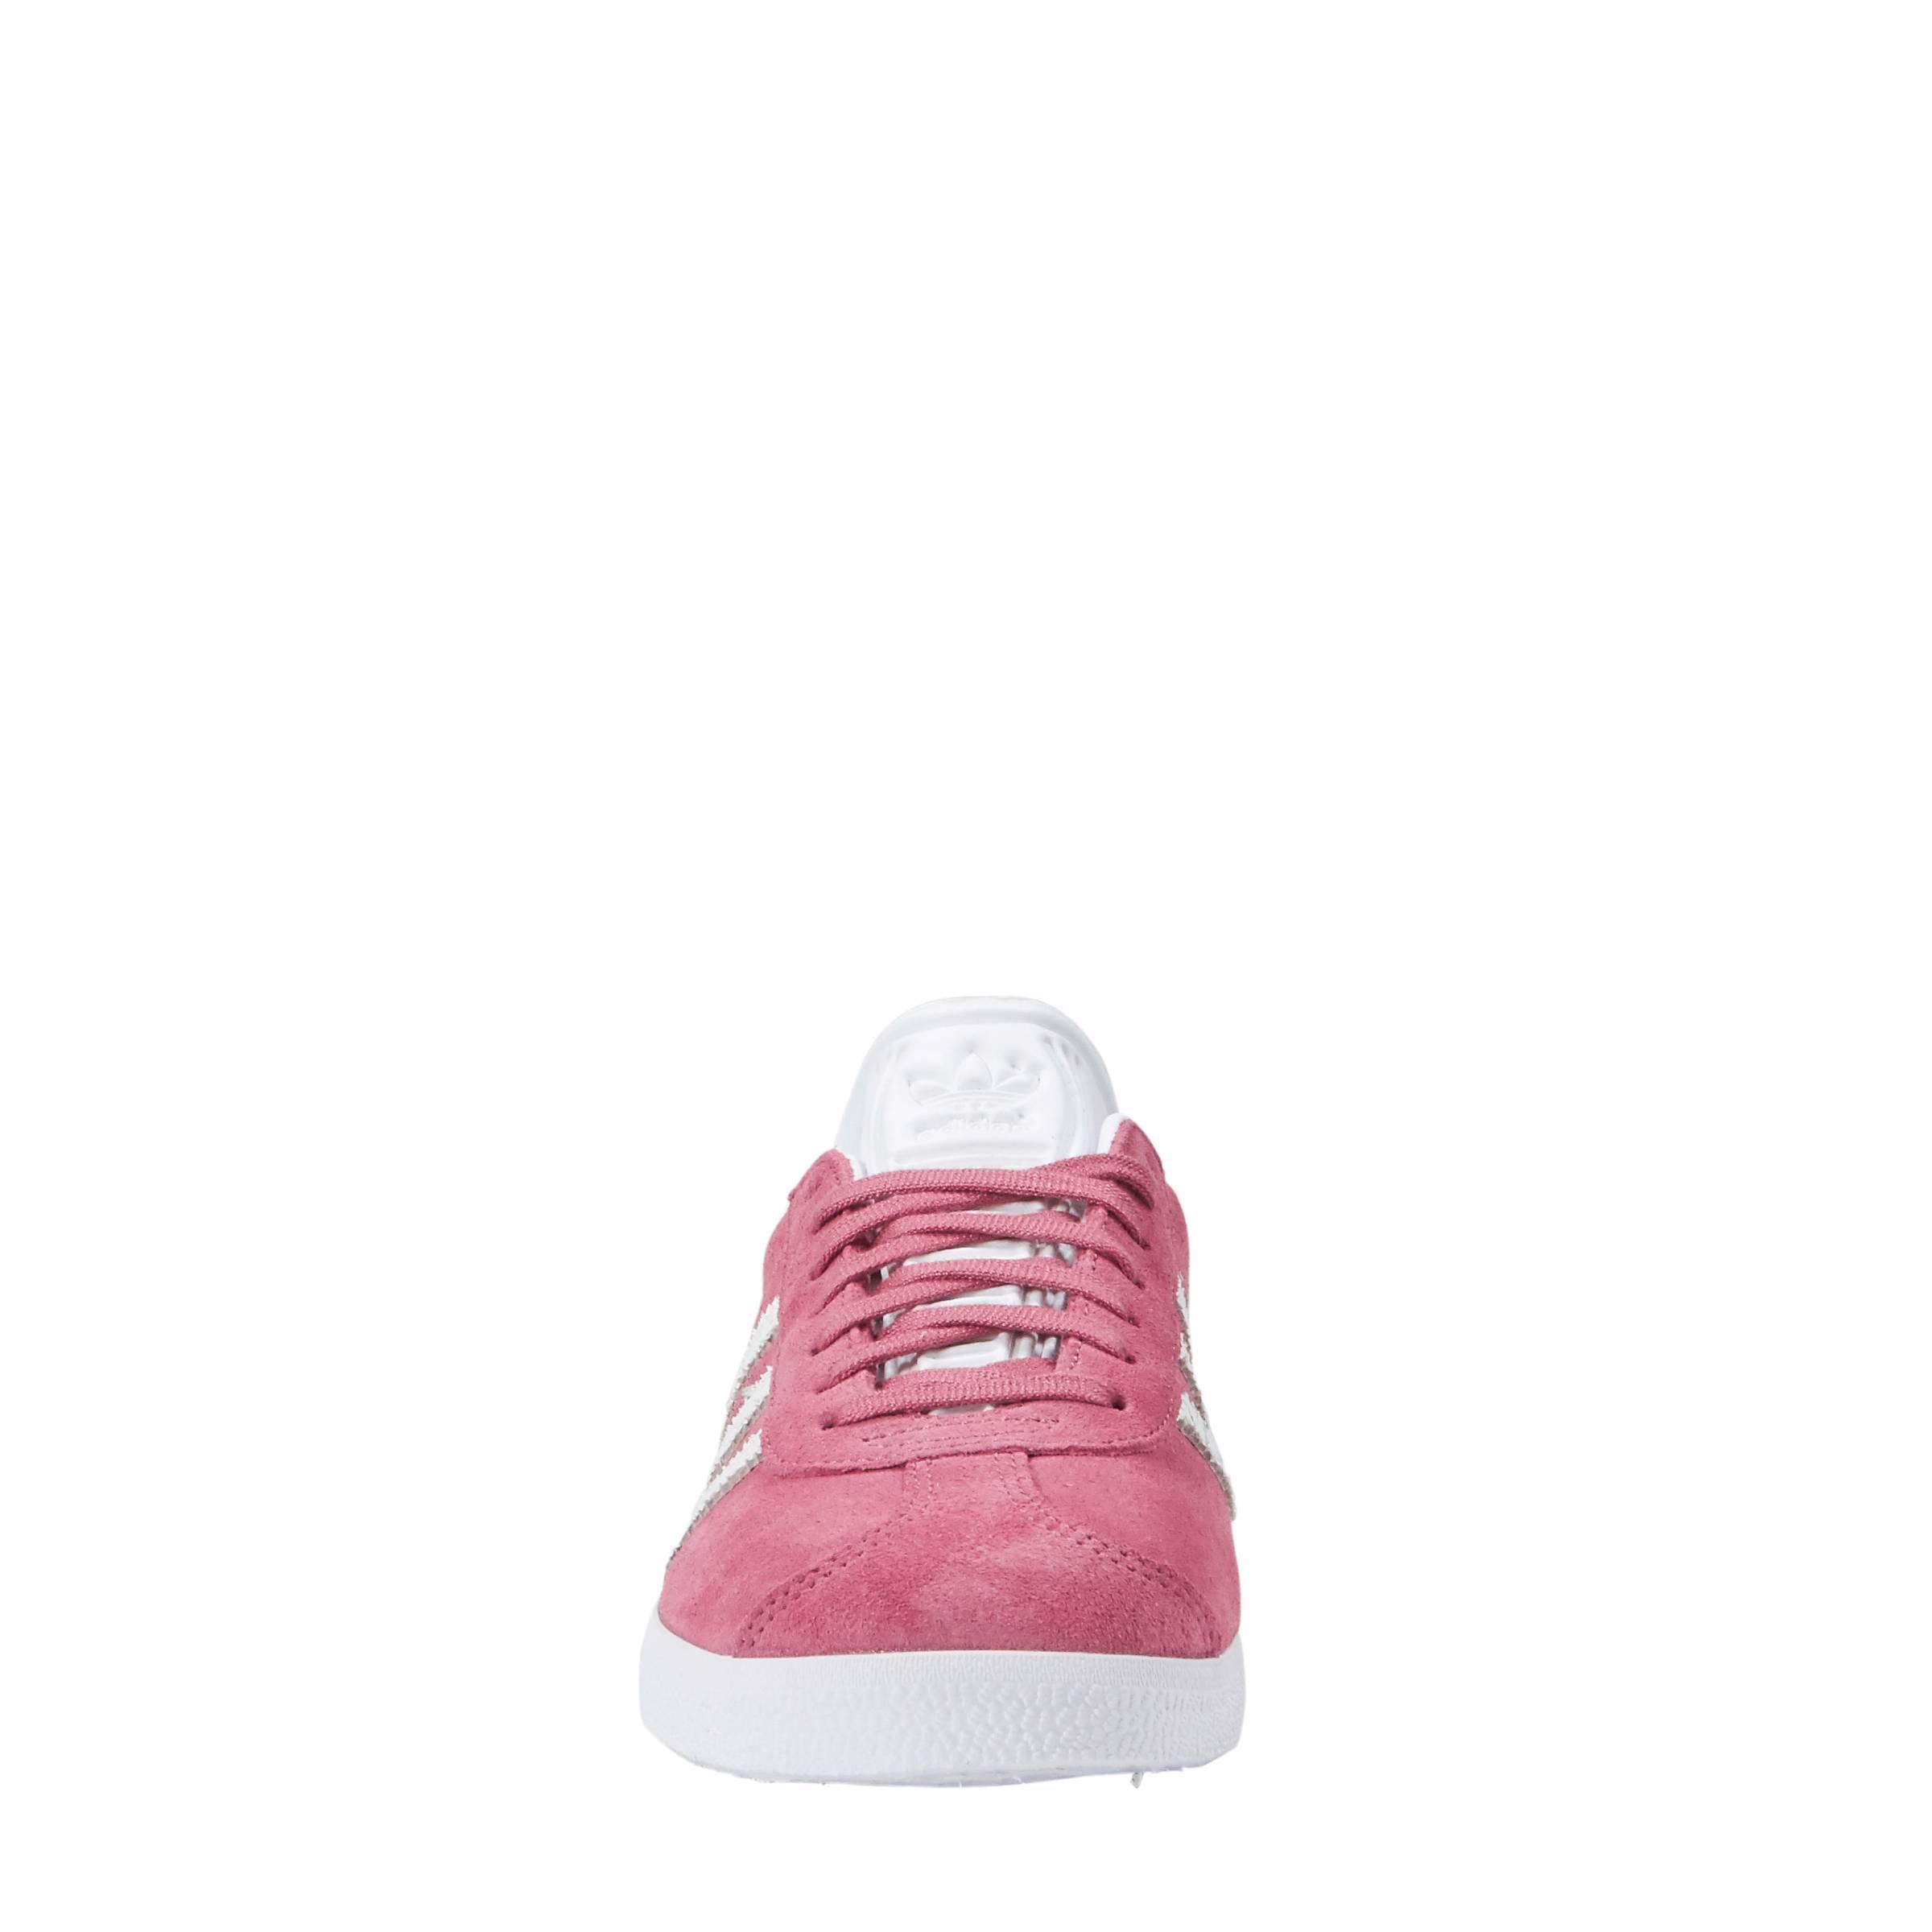 adidas originals Gazelle sneakers roze | wehkamp